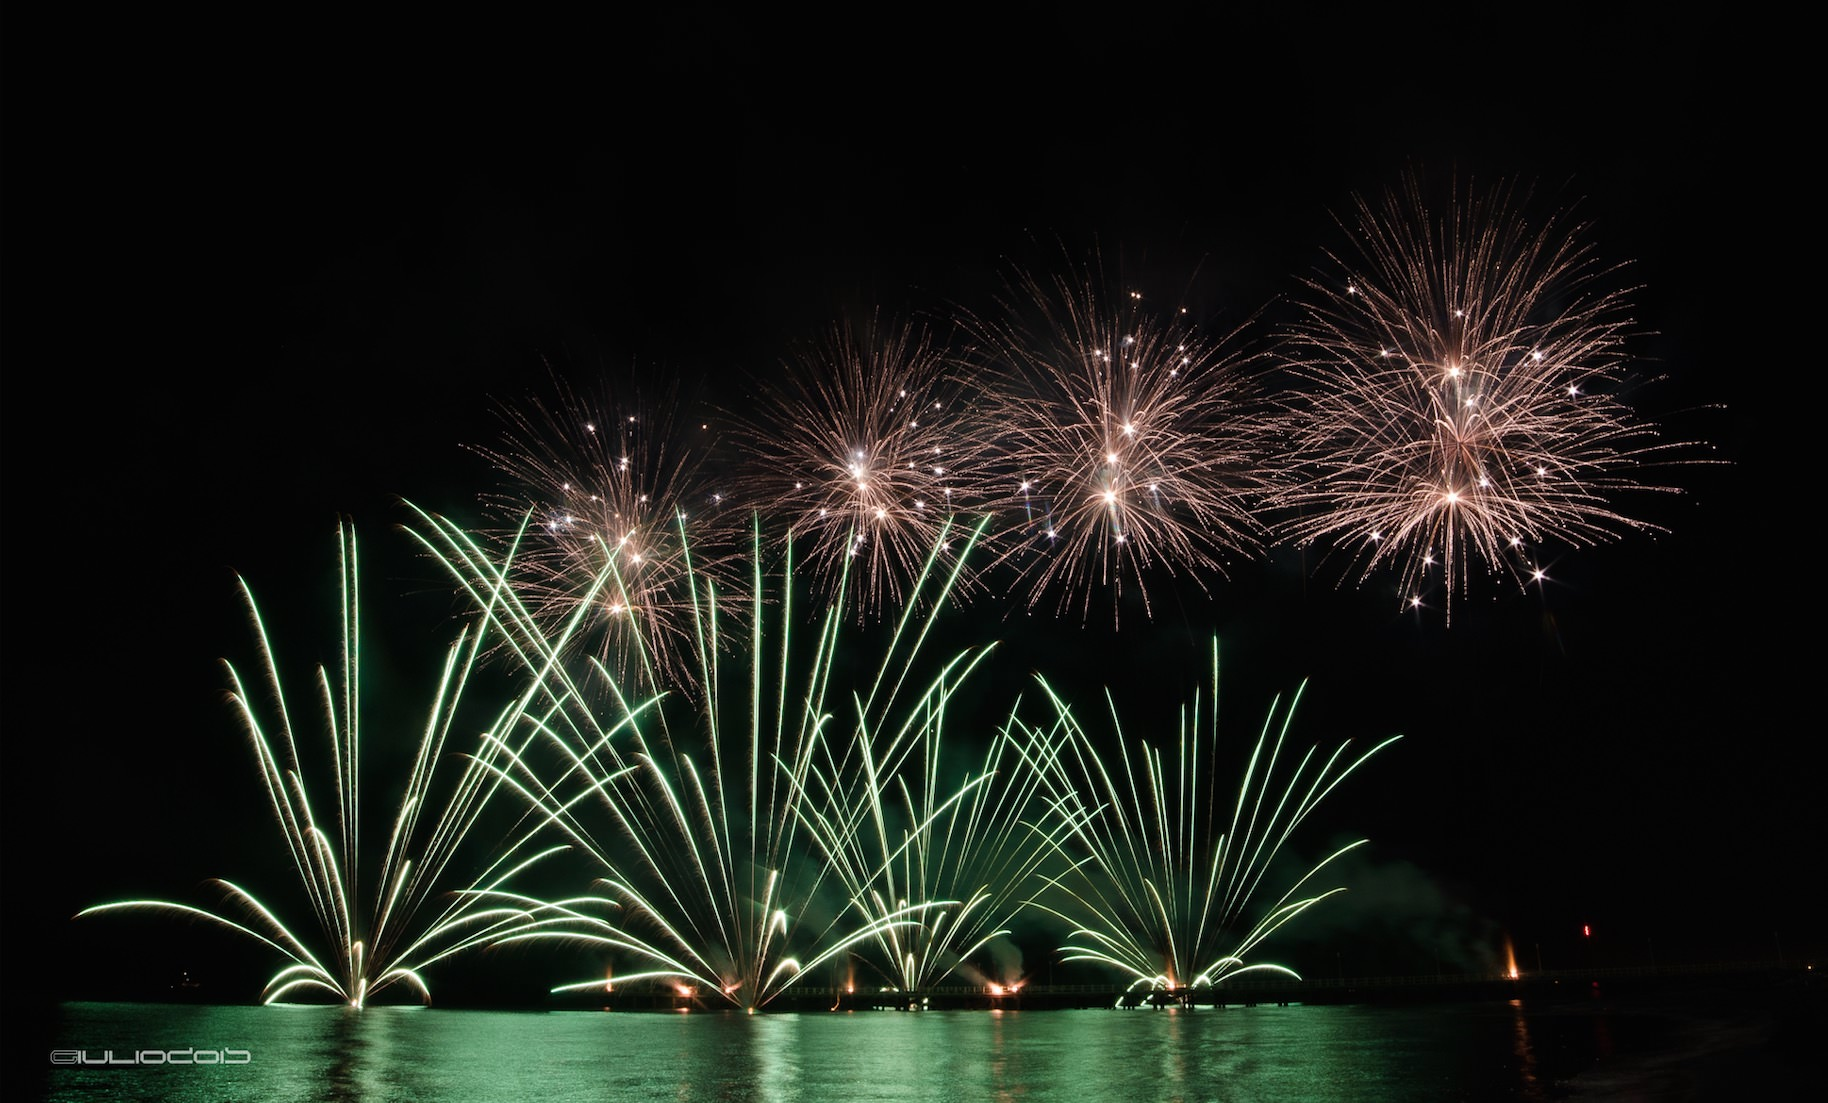 Festival Internazionale di Fuochi d'Artificio. Ultimi giorni per votare lo spettacolo preferito